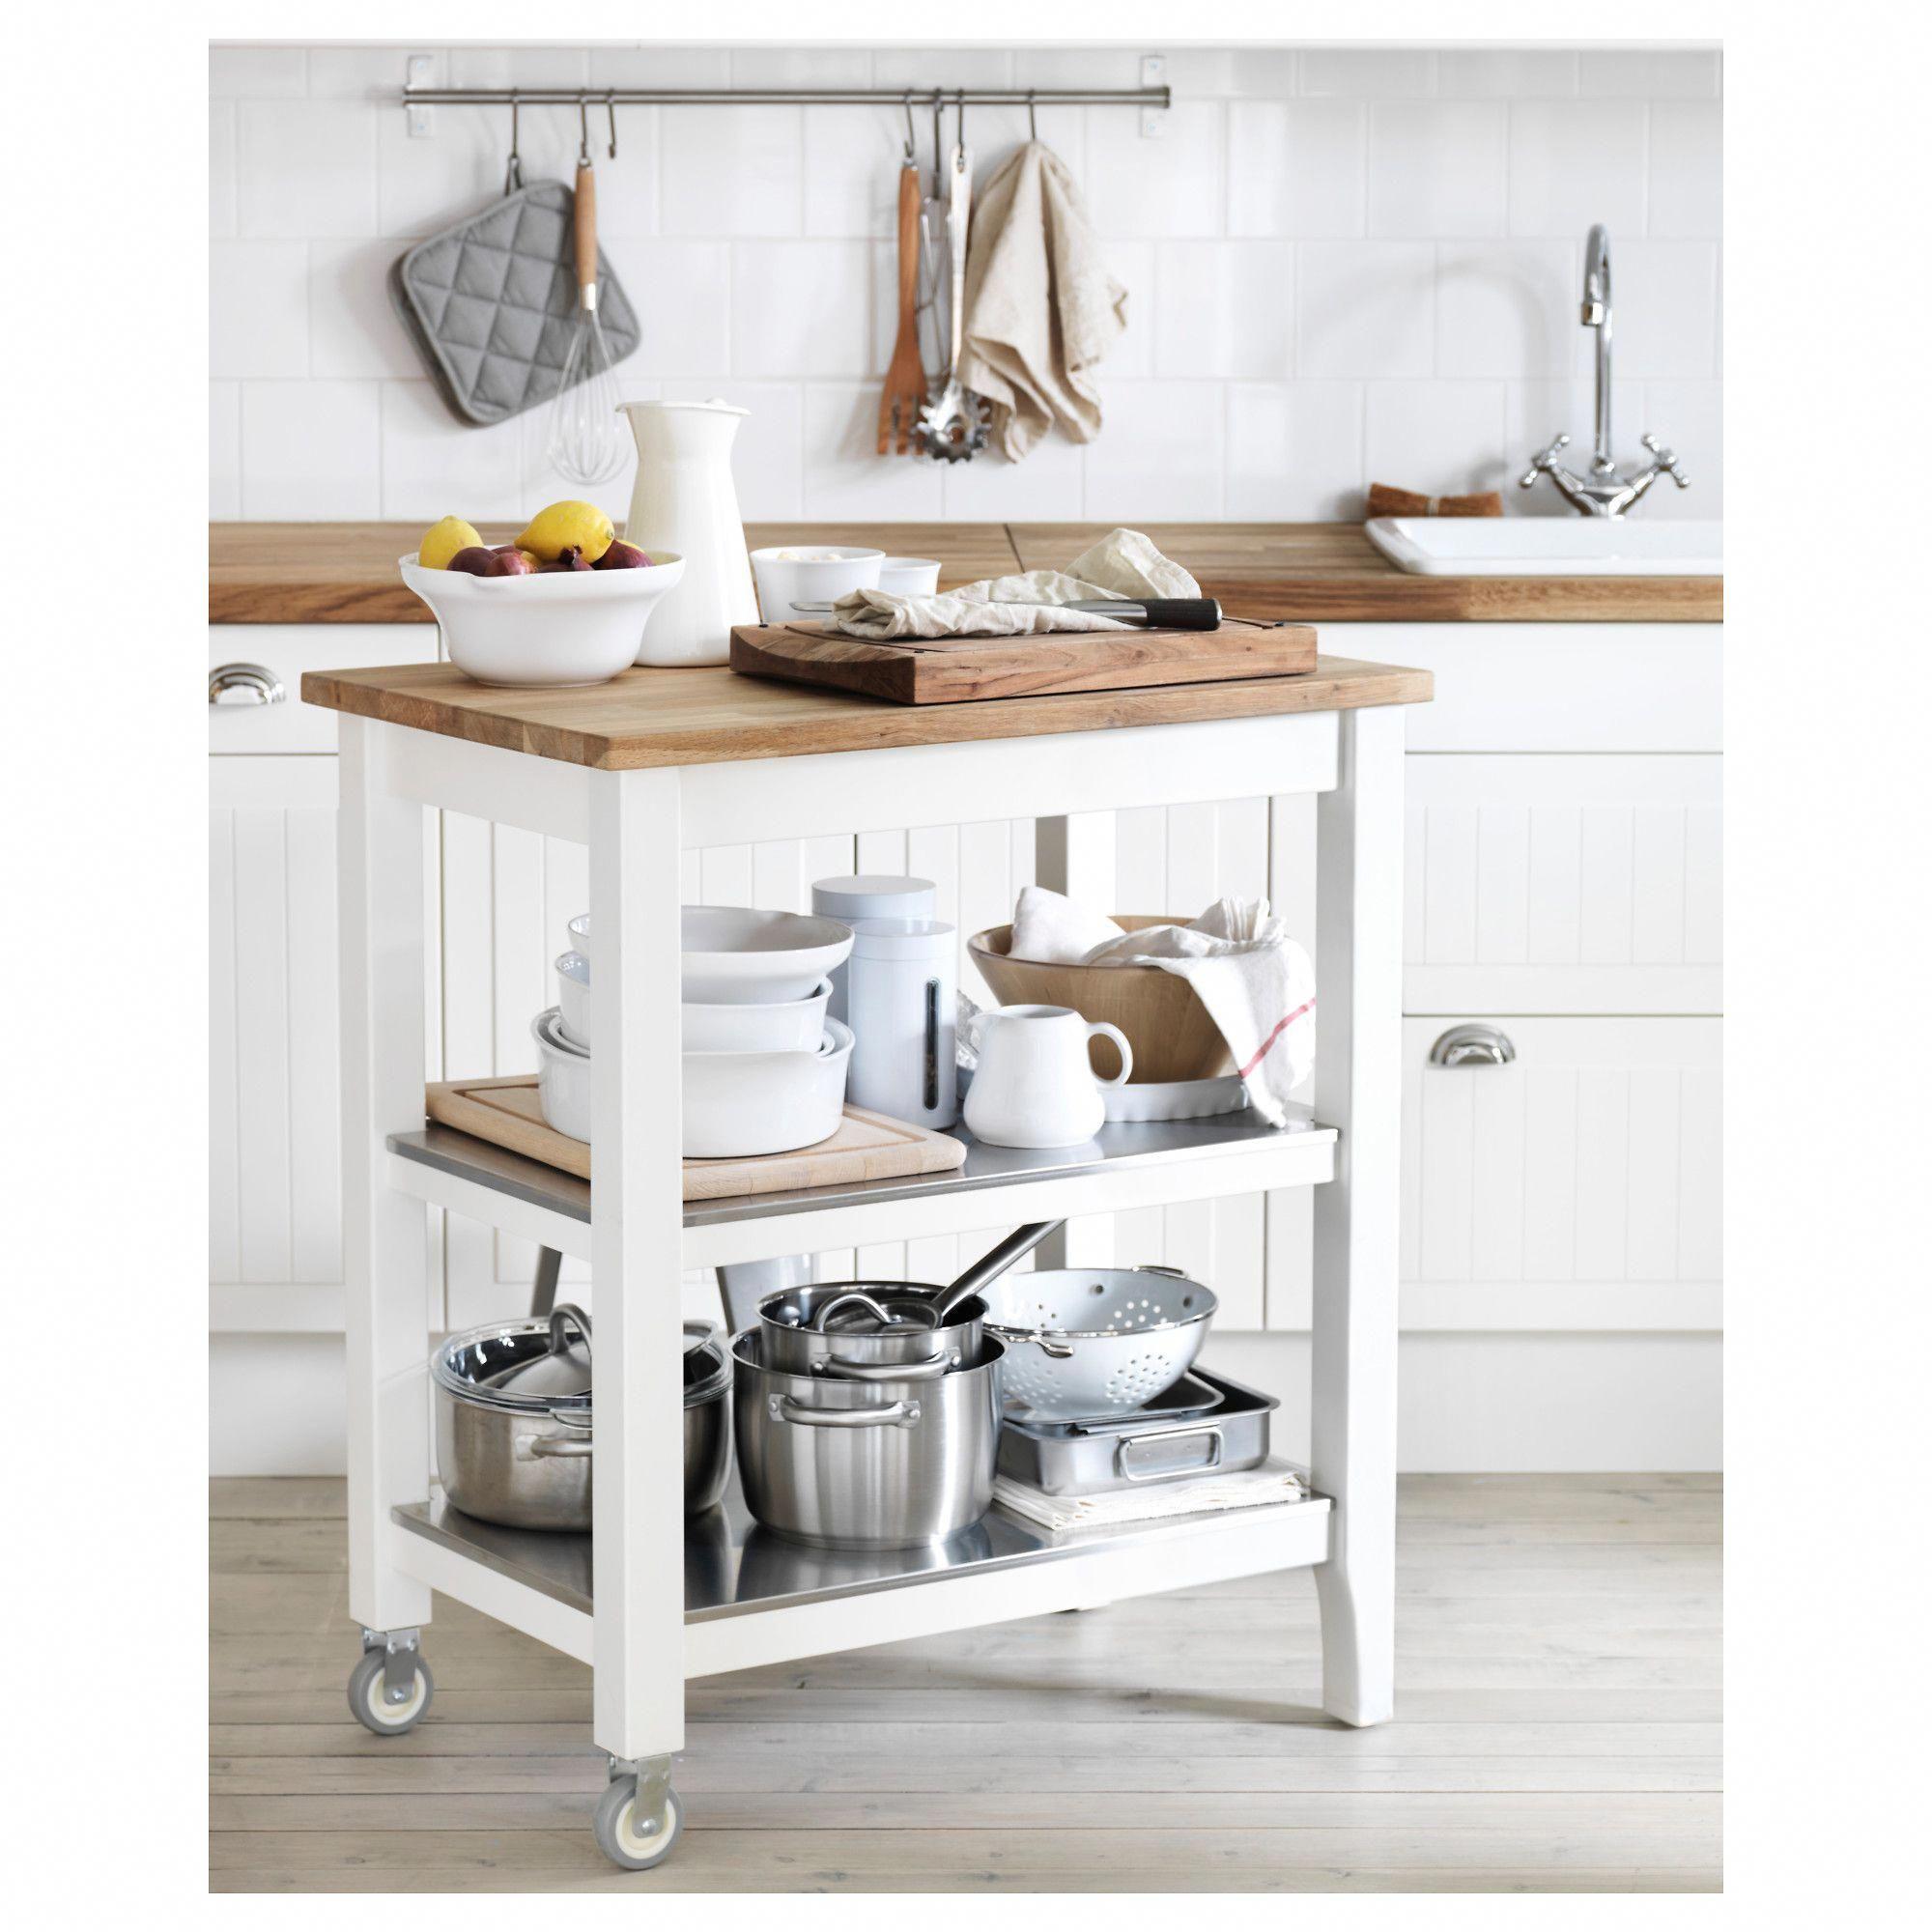 Ikea iris pot holder gray fridge outdoor kitchen